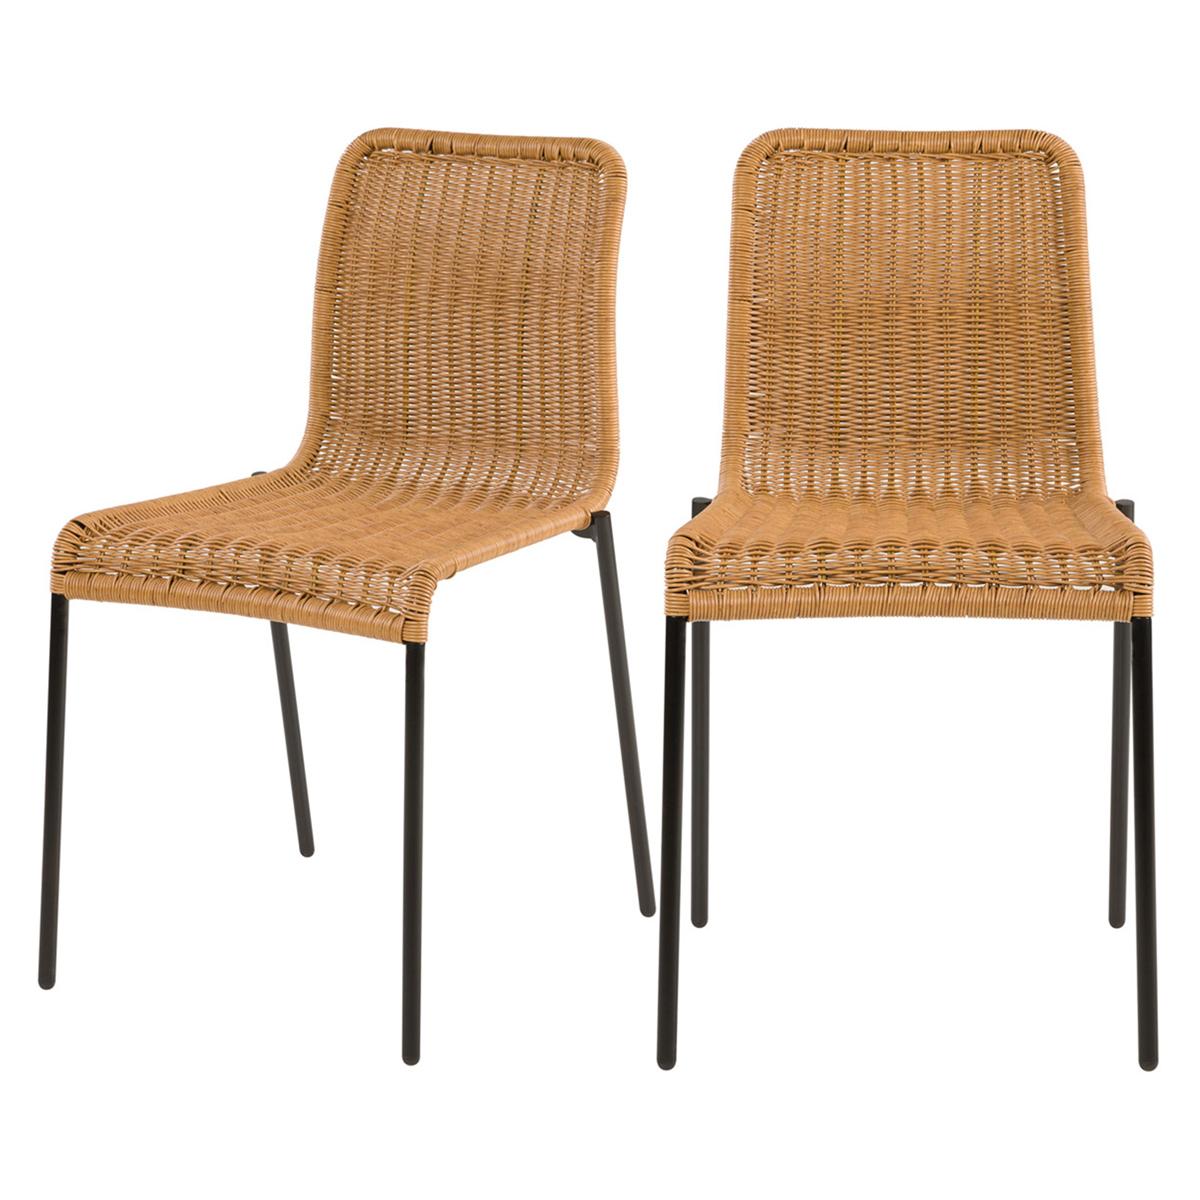 Chaise intérieur extérieur en résine tressée naturelle (x2)